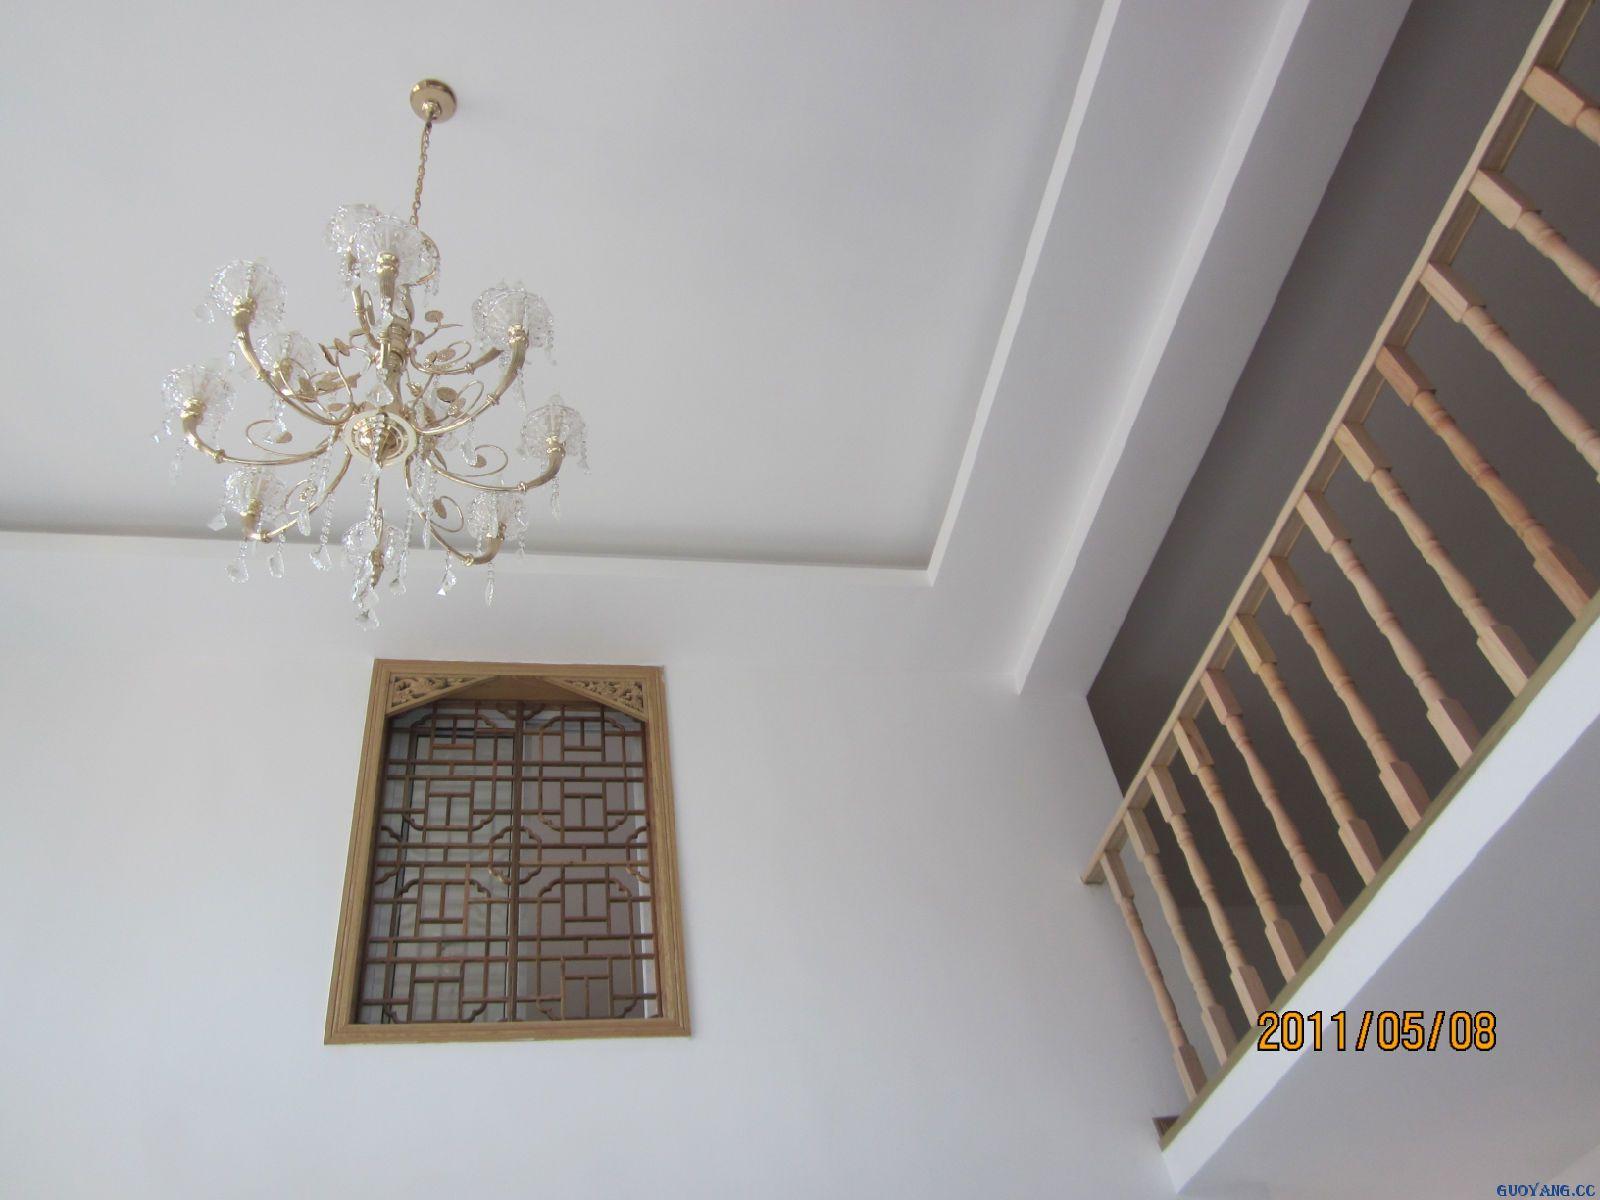 自己设计的新居装修效果图 实拍